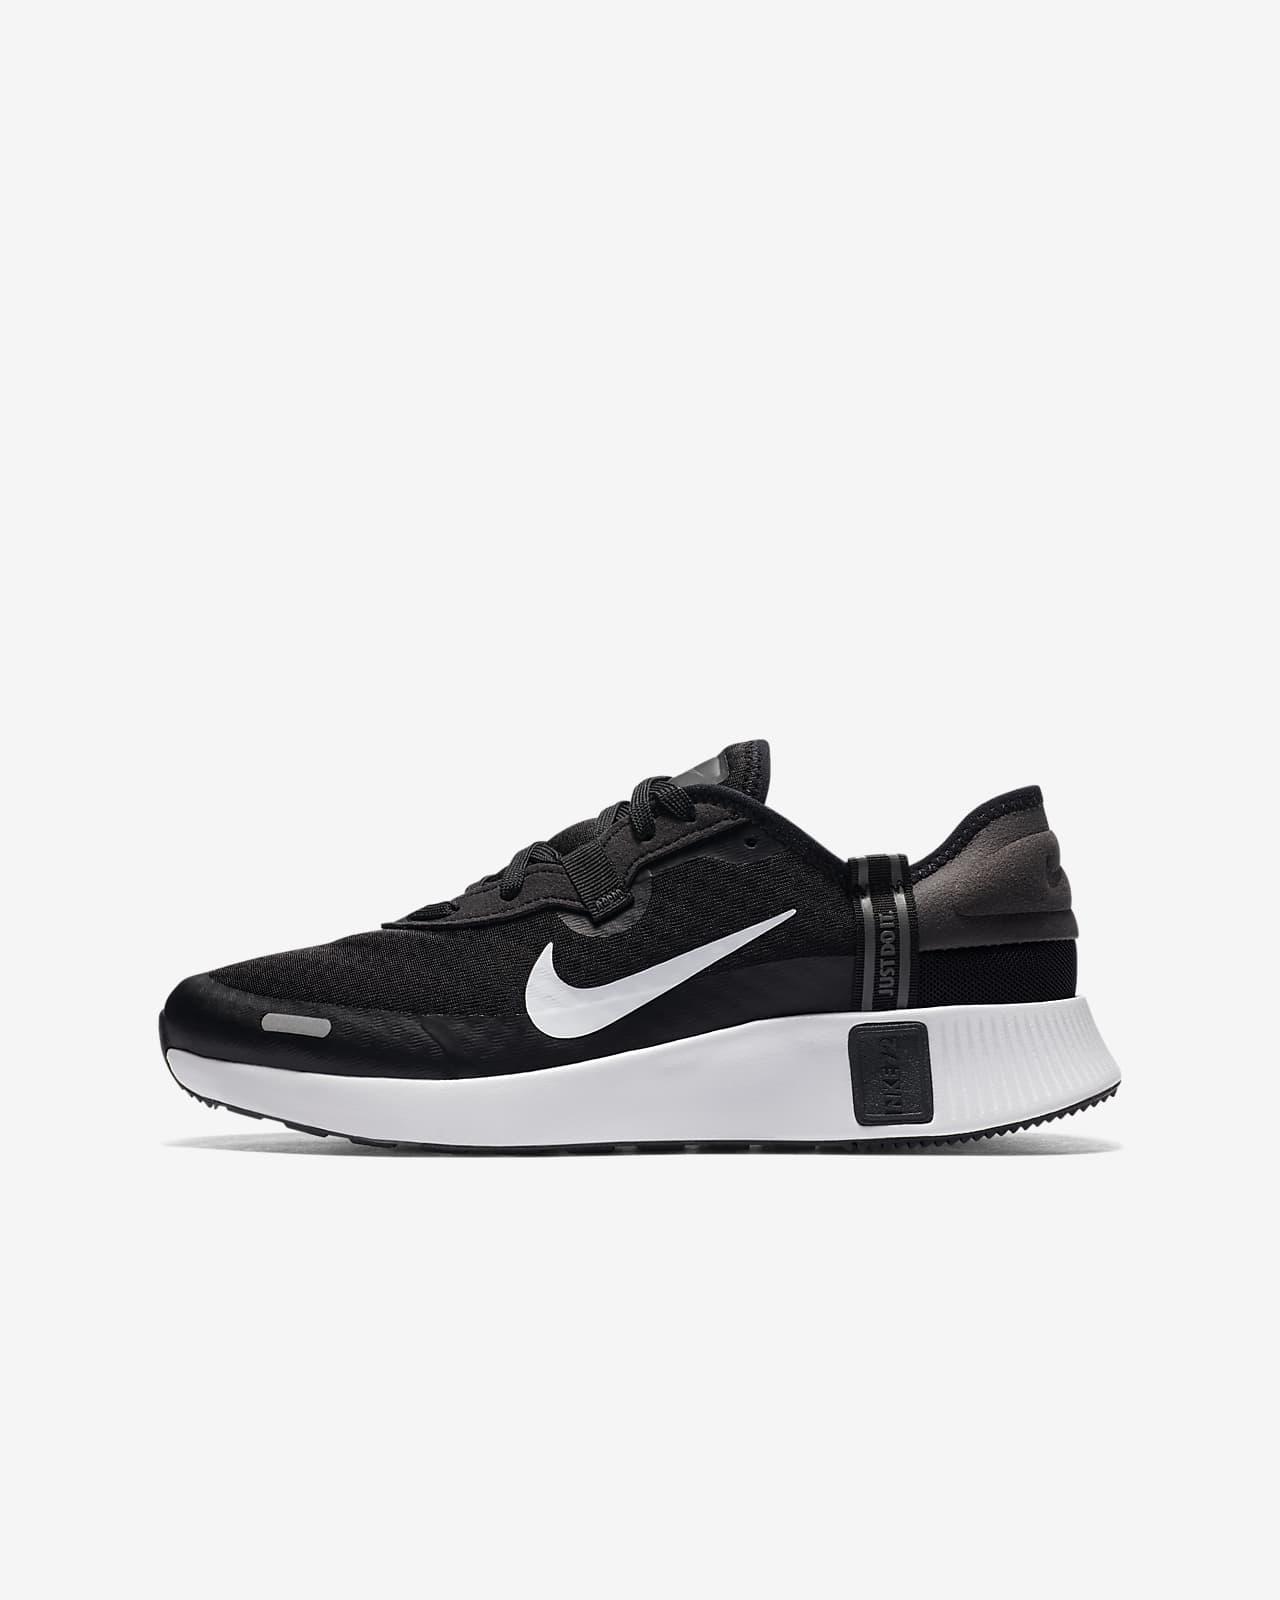 Nike Reposto Zapatillas - Niño/a